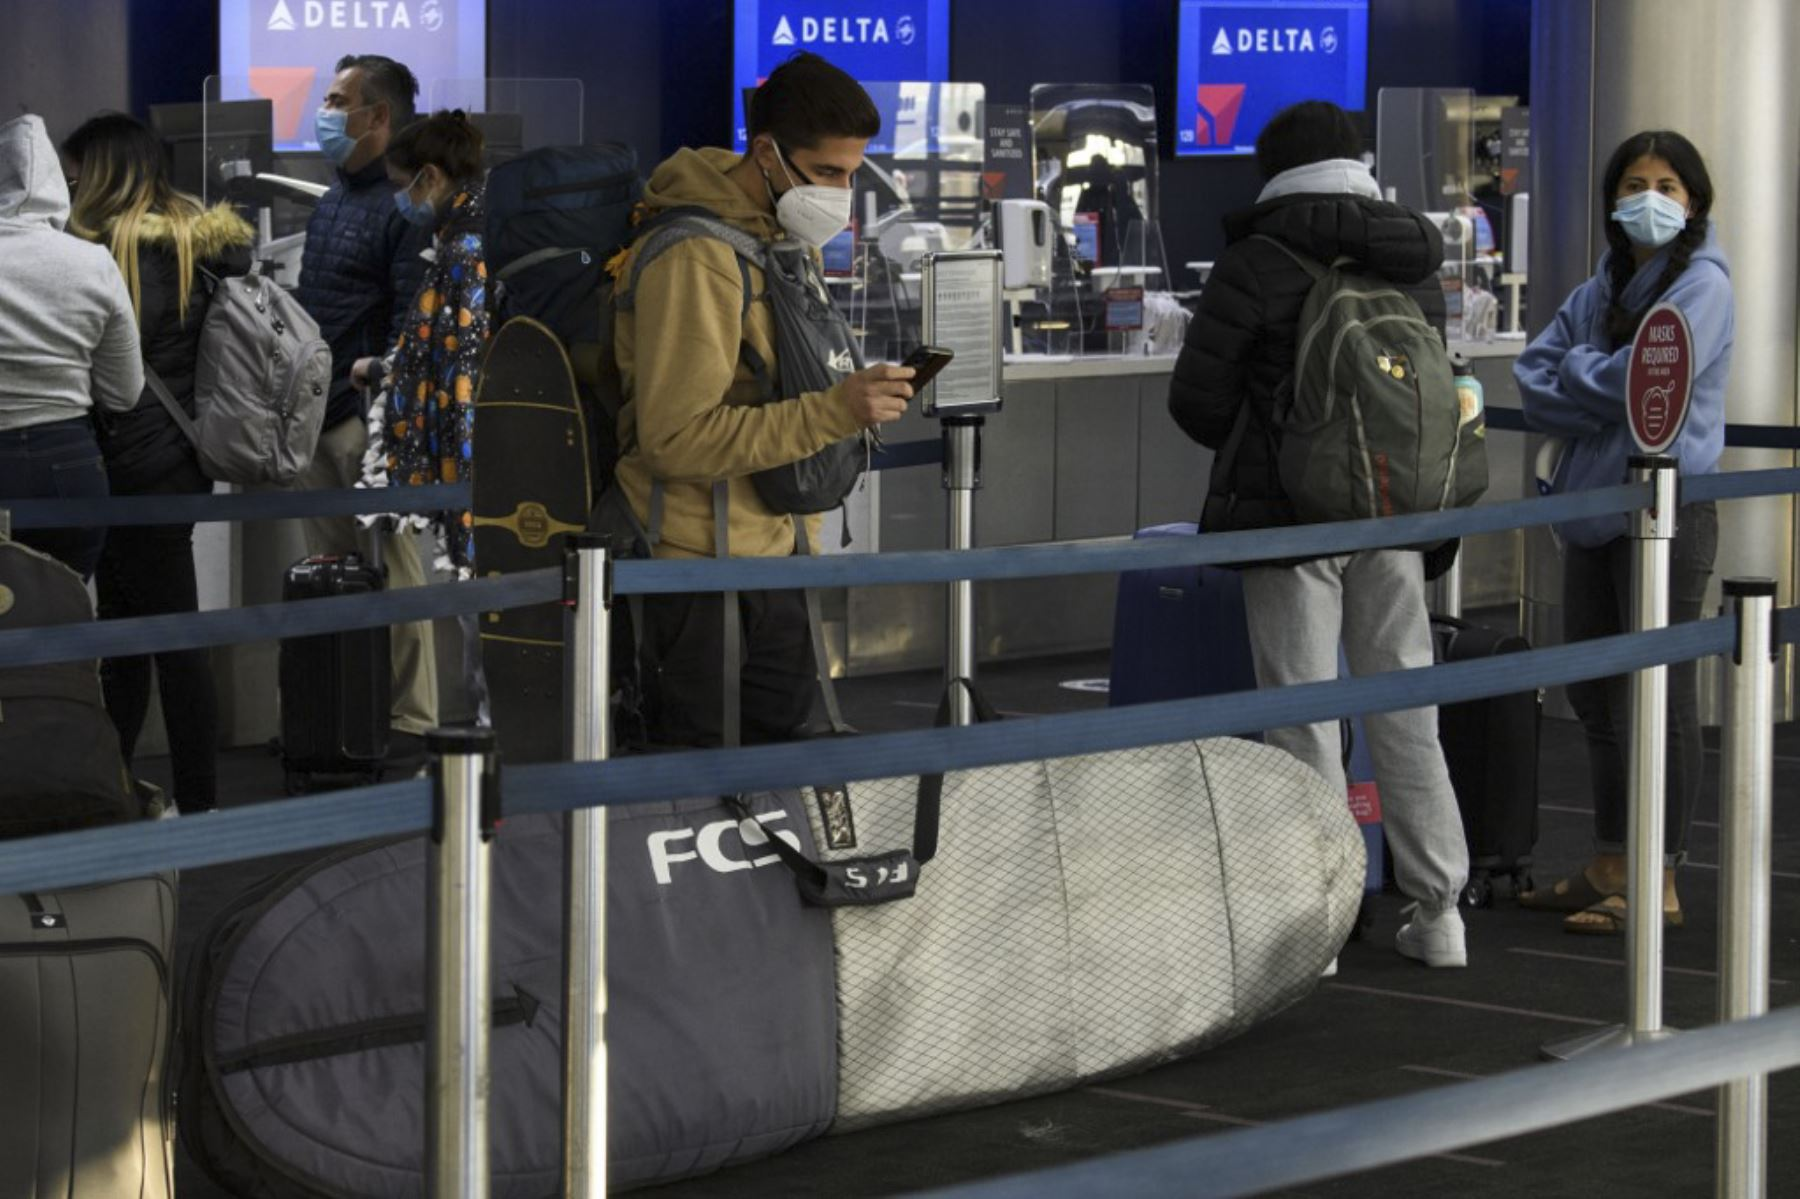 Los misioneros se despiden antes de registrarse para un vuelo de Delta Air Lines en el Aeropuerto Internacional de Los Ángeles antes de las vacaciones de Acción de Gracias en Los Ángeles, California. Foto: AFP